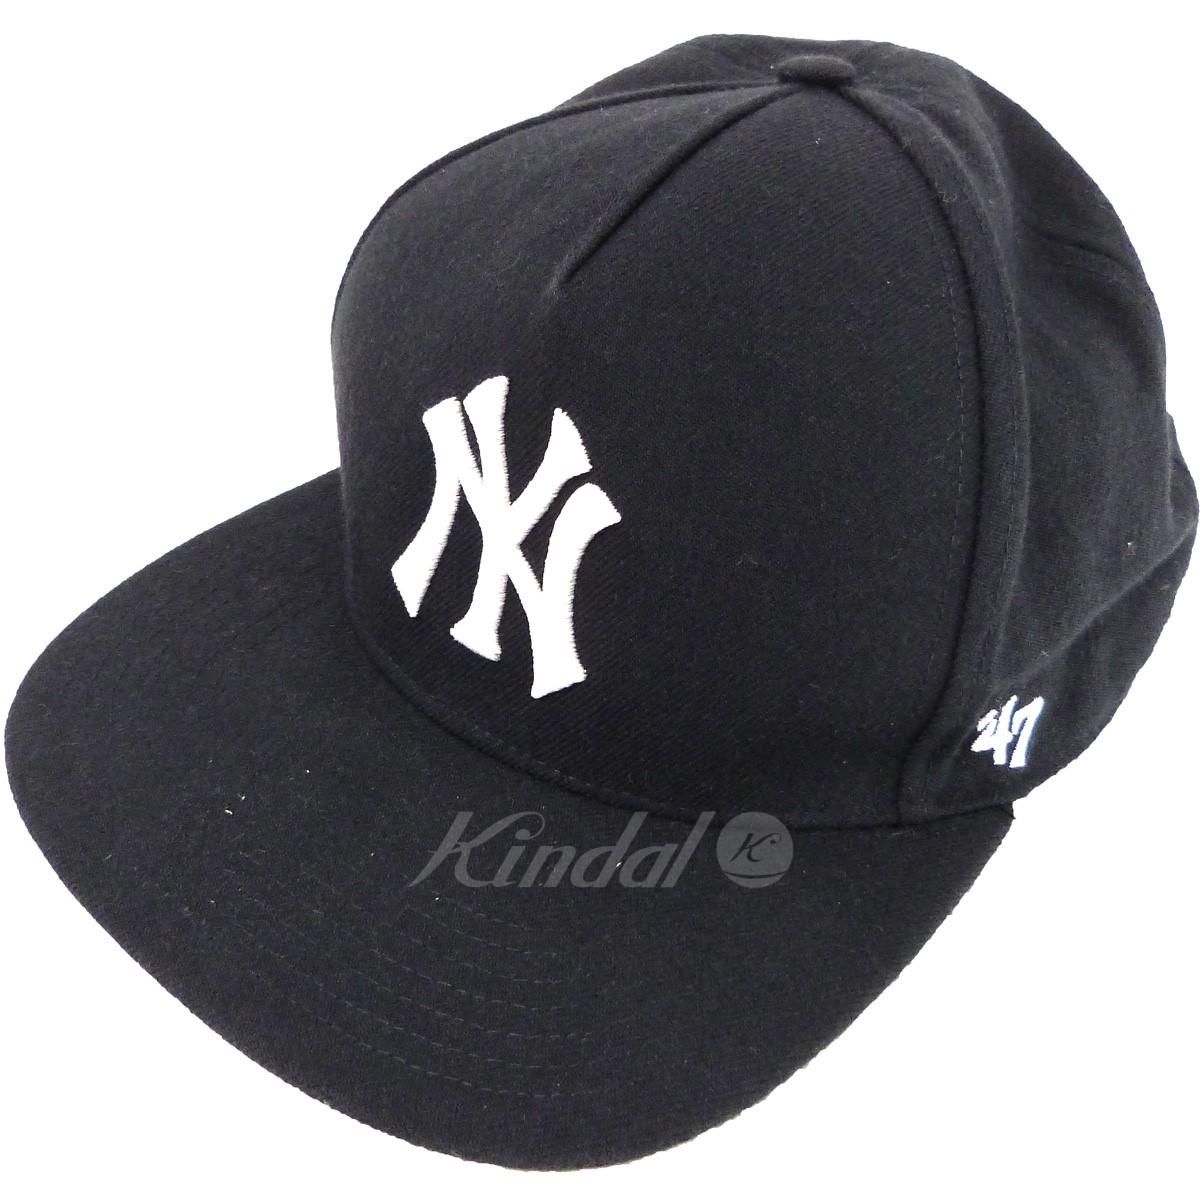 【中古】Supreme×New York Yankees×47 BRAND '15SS「47 Brand 5-Panel Cap」5パネルキャップ ネイビー サイズ:ONE 【送料無料】 【160319】(シュプリーム ニューヨークヤンキース)